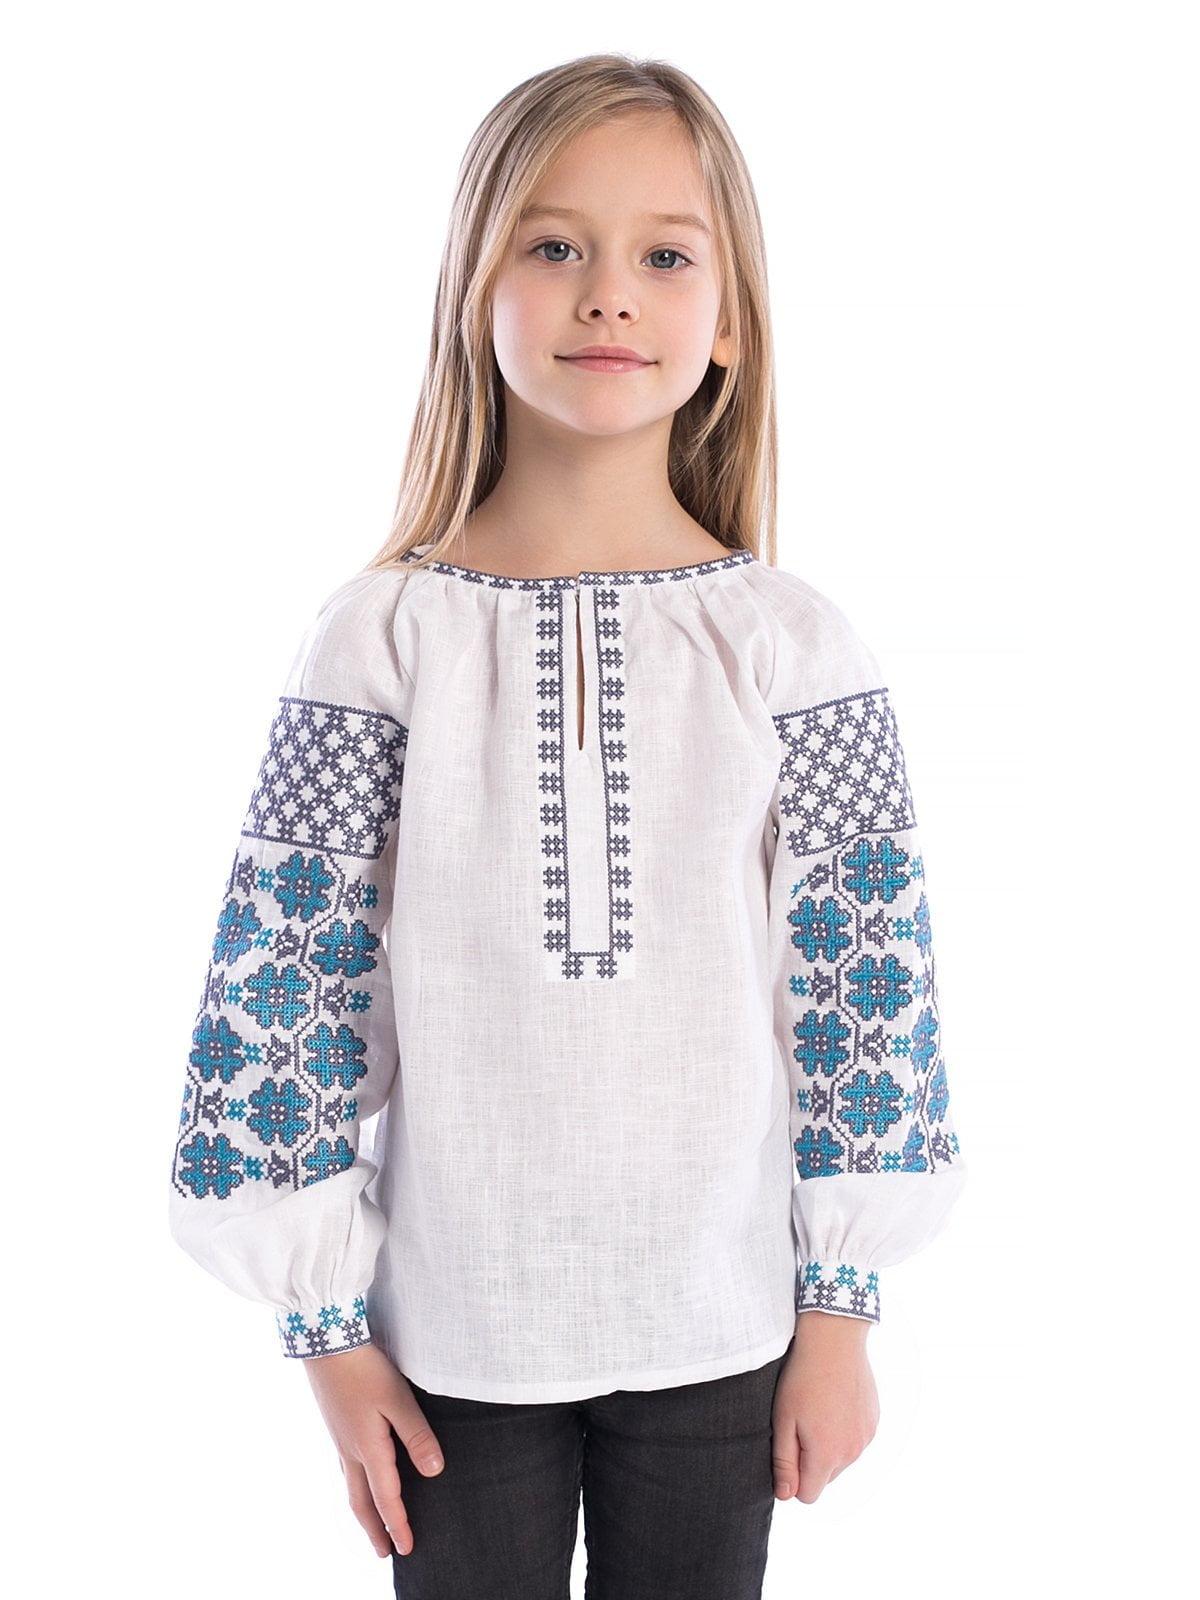 Вышиванка для девочки Smile 5 – купить в Киеве и Украине  a2274c86acb1f